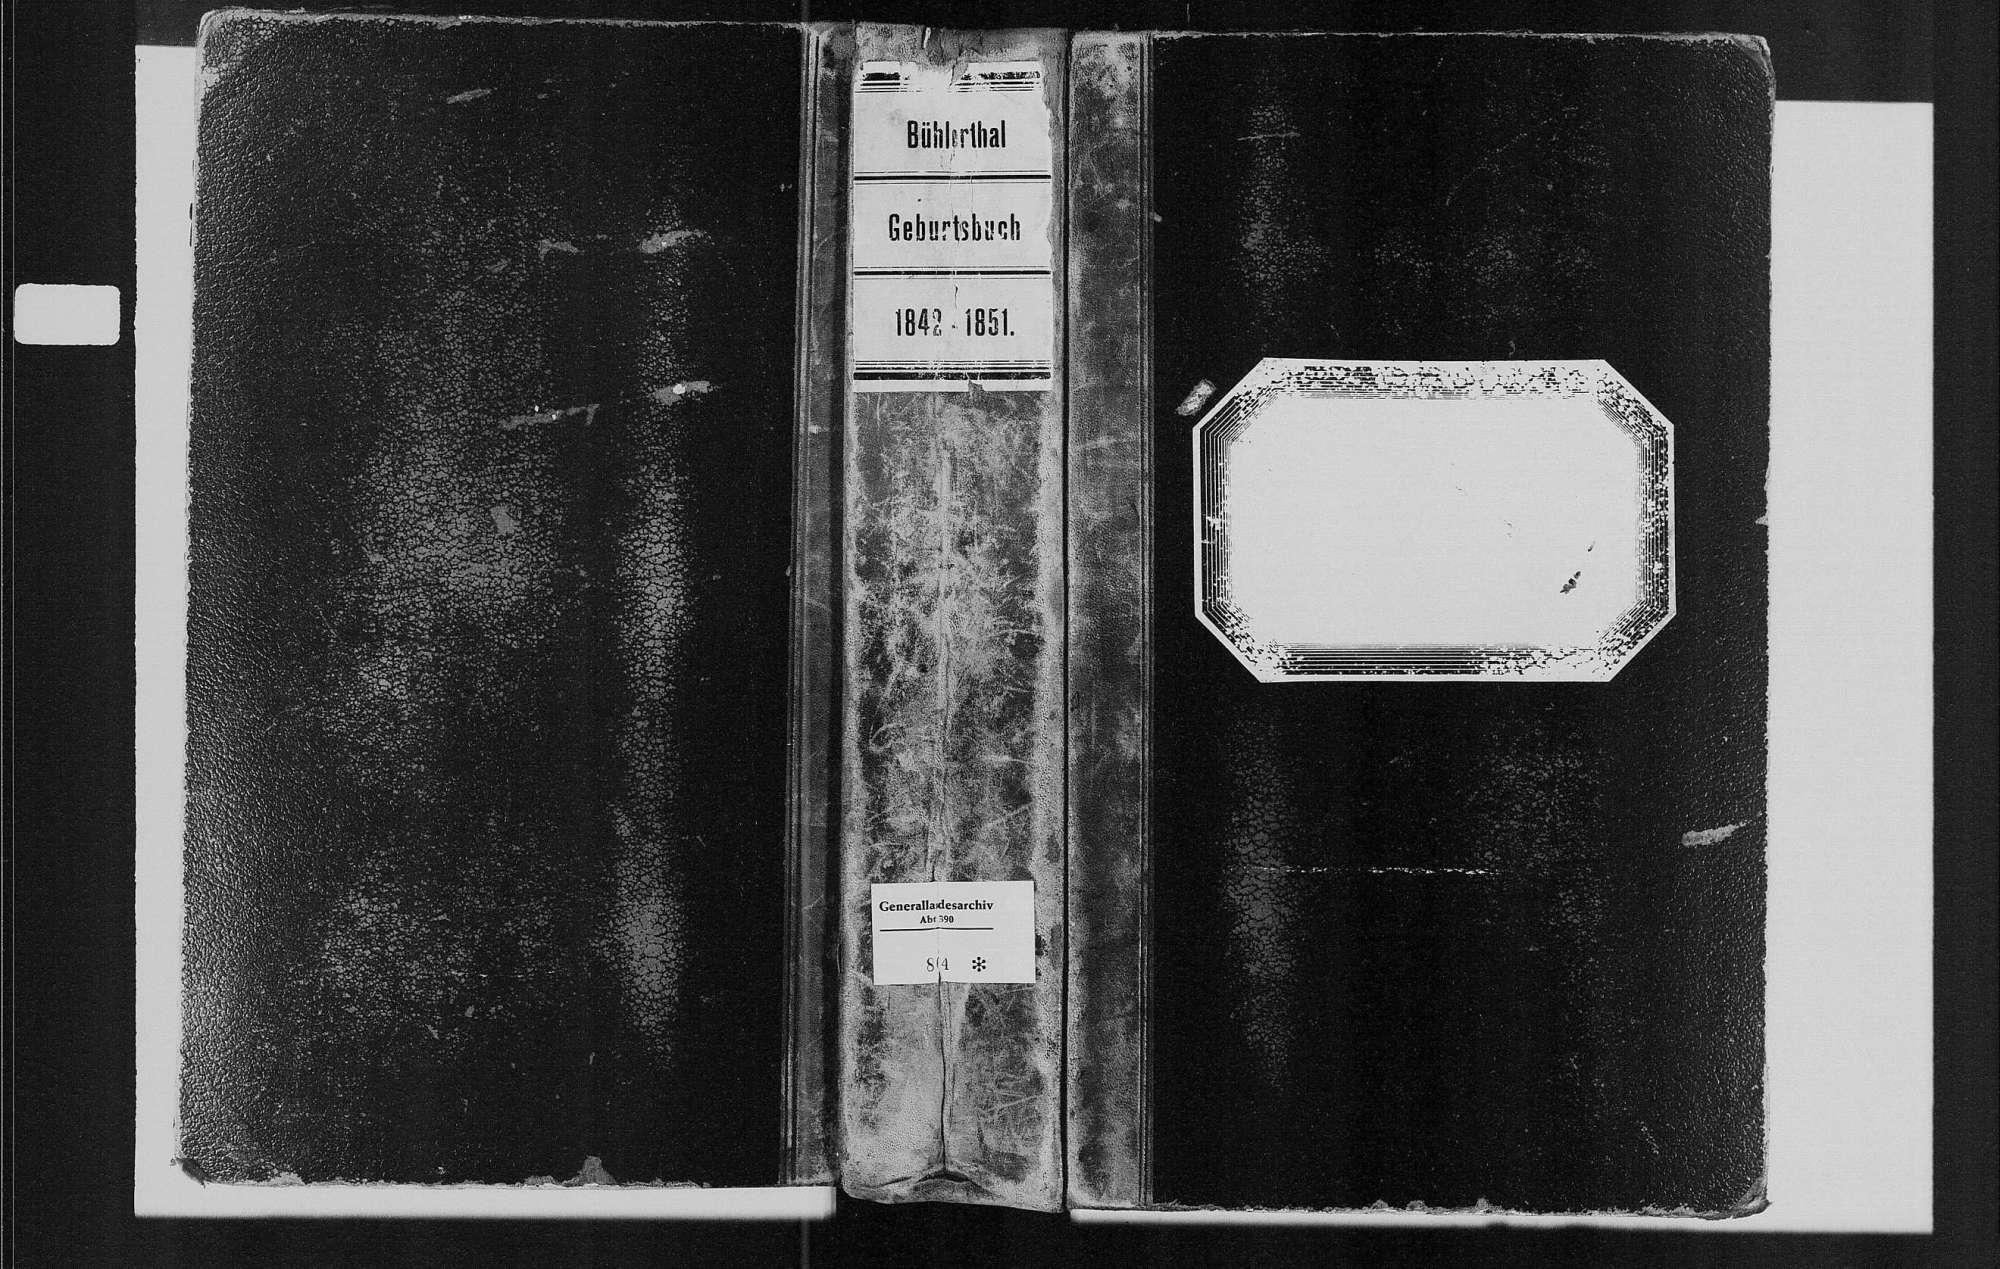 Bühlertal, katholische Gemeinde: Geburtenbuch 1842-1851, Bild 1